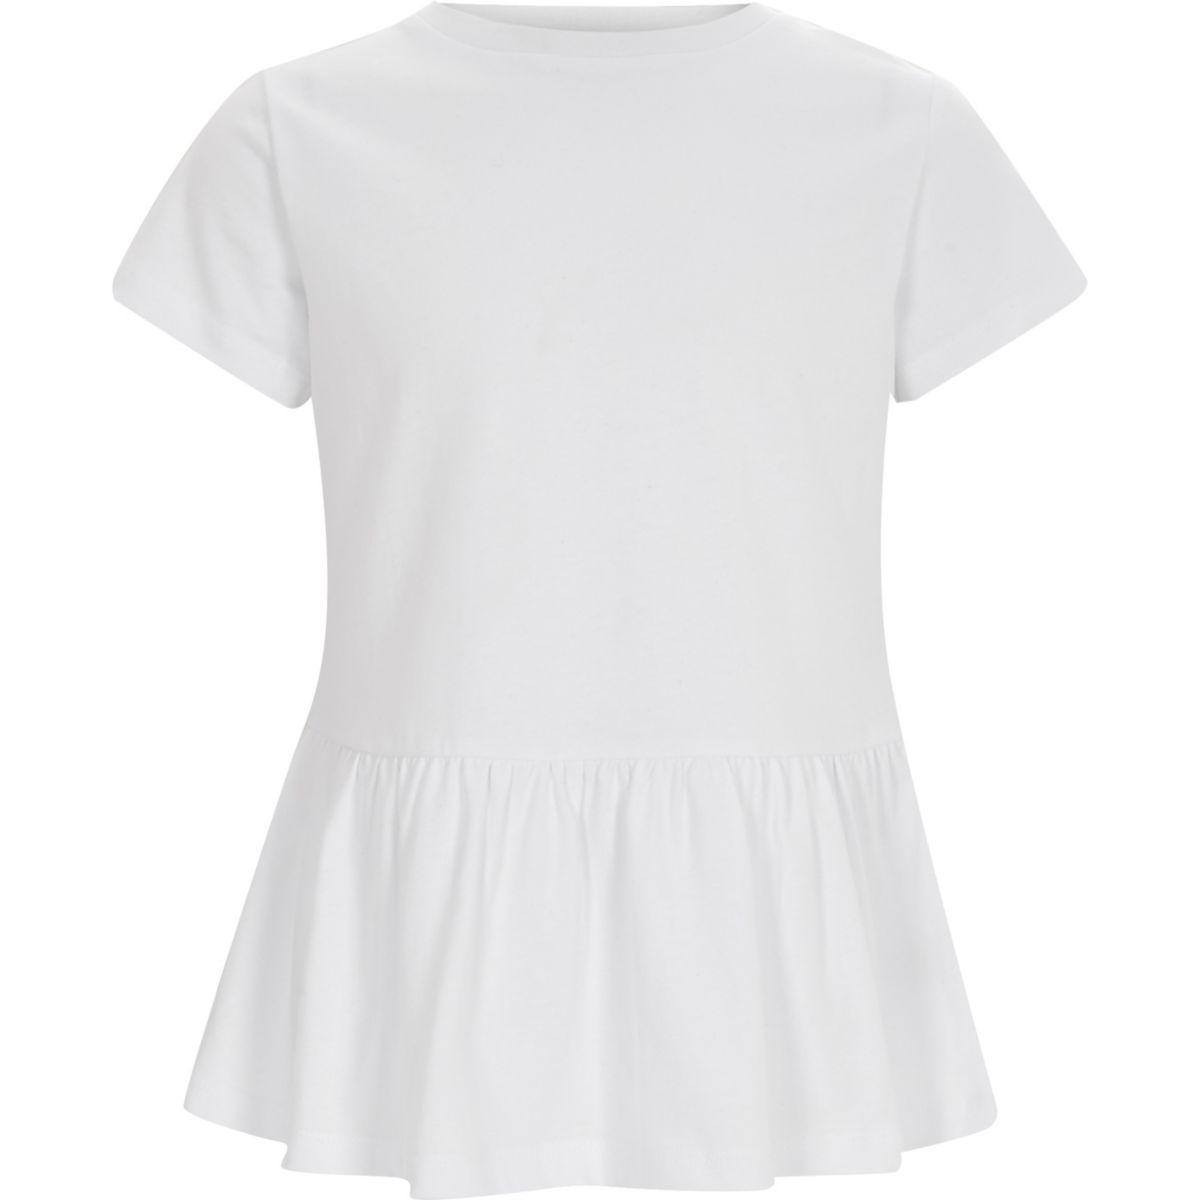 Girls white short sleeve peplum T-shirt